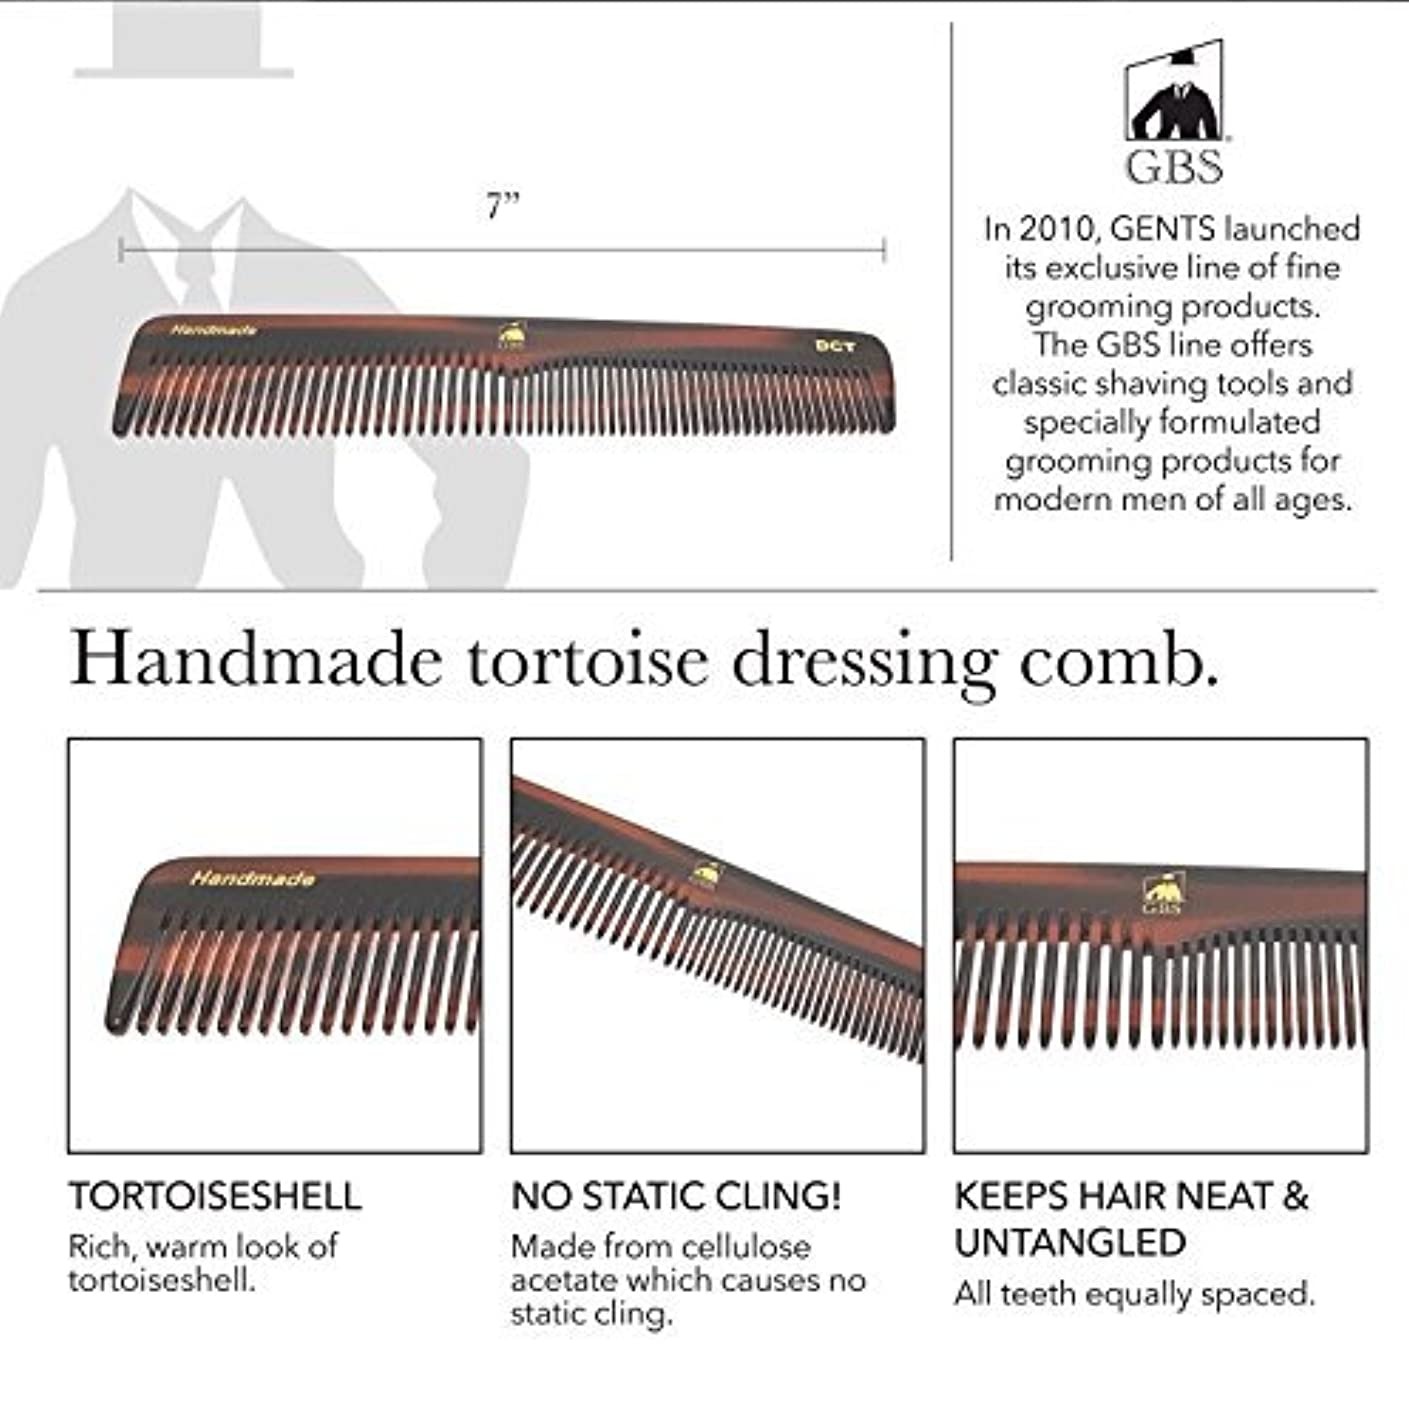 蒸発見る接尾辞GBS Premium Anti-Static Hand Made Coarse/Fine Toothed Dressing, Grooming, and Styling Comb for Men/Women, 7